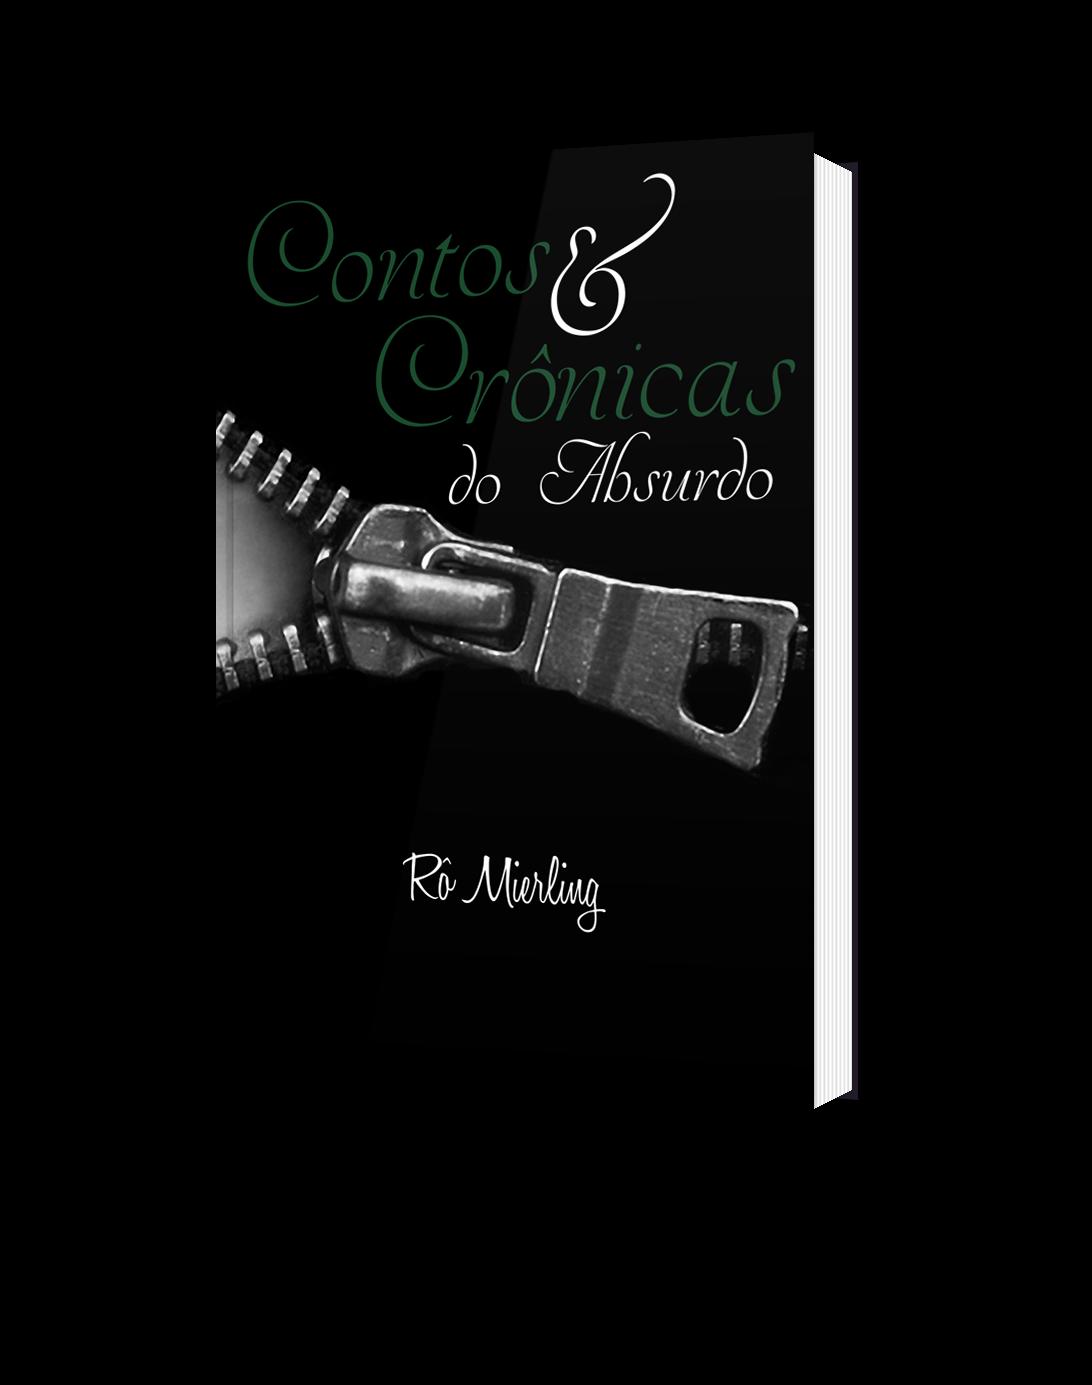 livro, CONTOS E CRÔNICAS DO ABSURDO